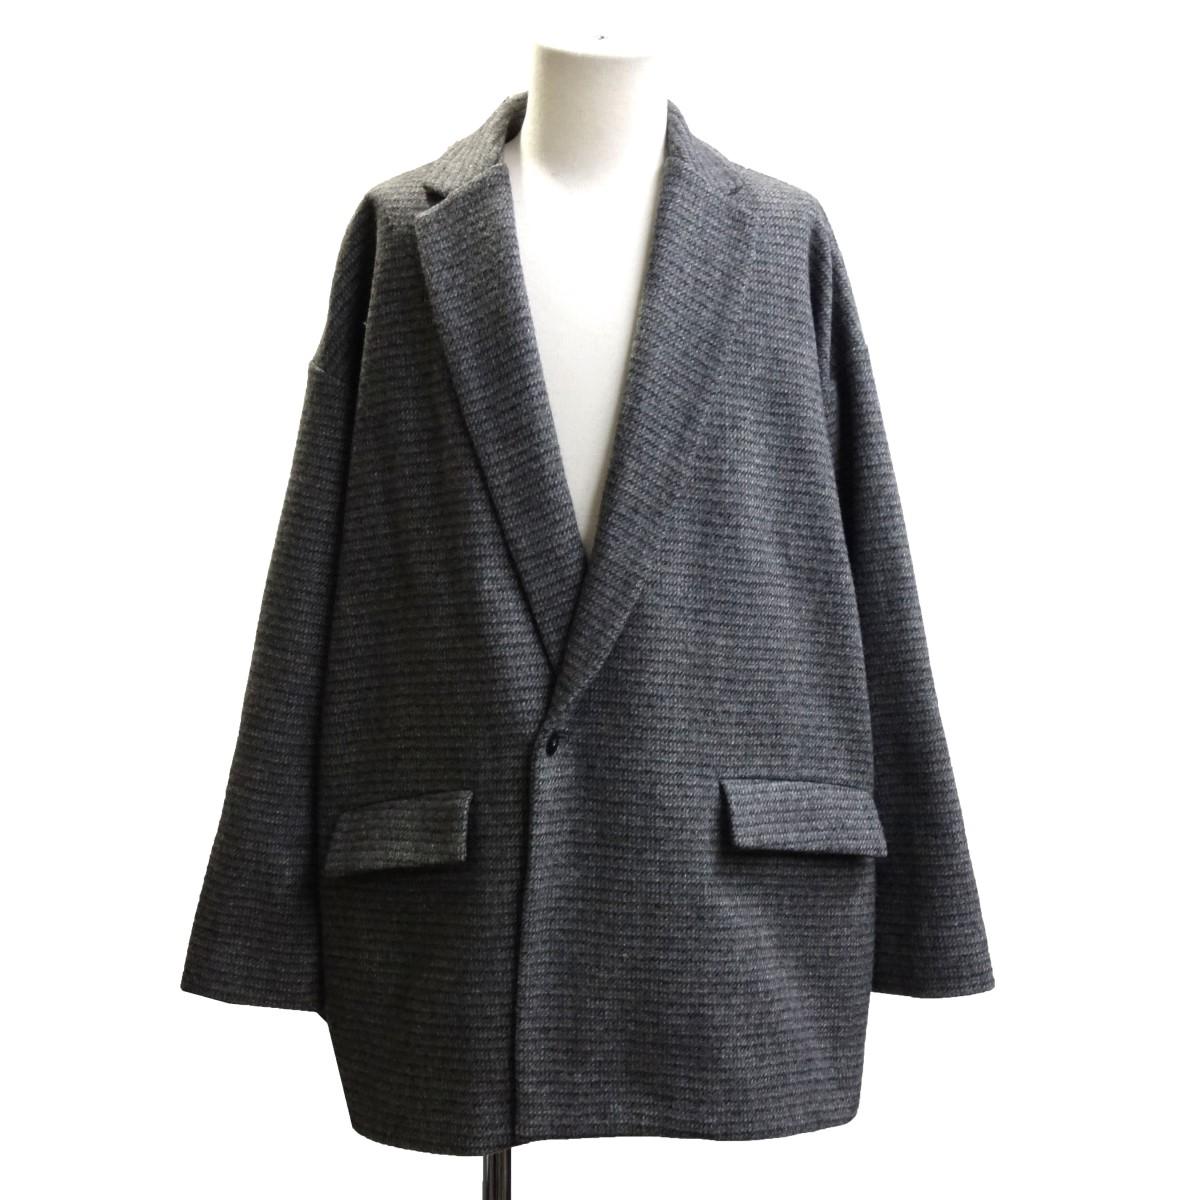 【中古】Dulcamara ×乱痴気19AW「glen check double jacket」 グレンチェックダブルジャケット グレー サイズ:1 【110620】(ドゥルカマラ)